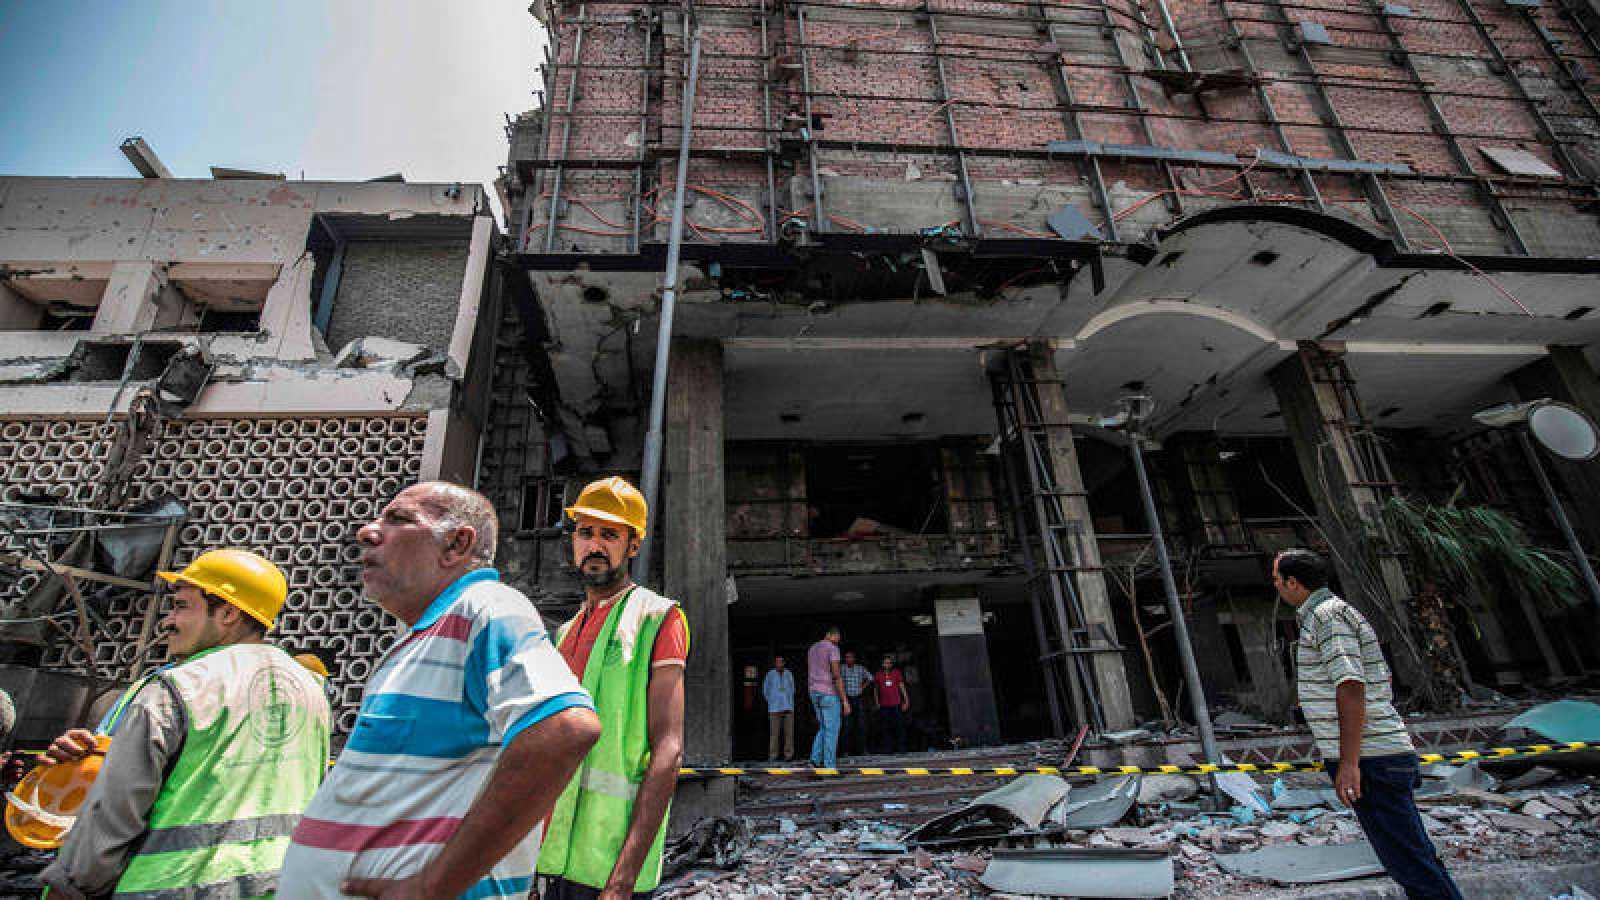 La explosión se produjo este domingo delante del Instituto Nacional del Cáncer de El Cairo